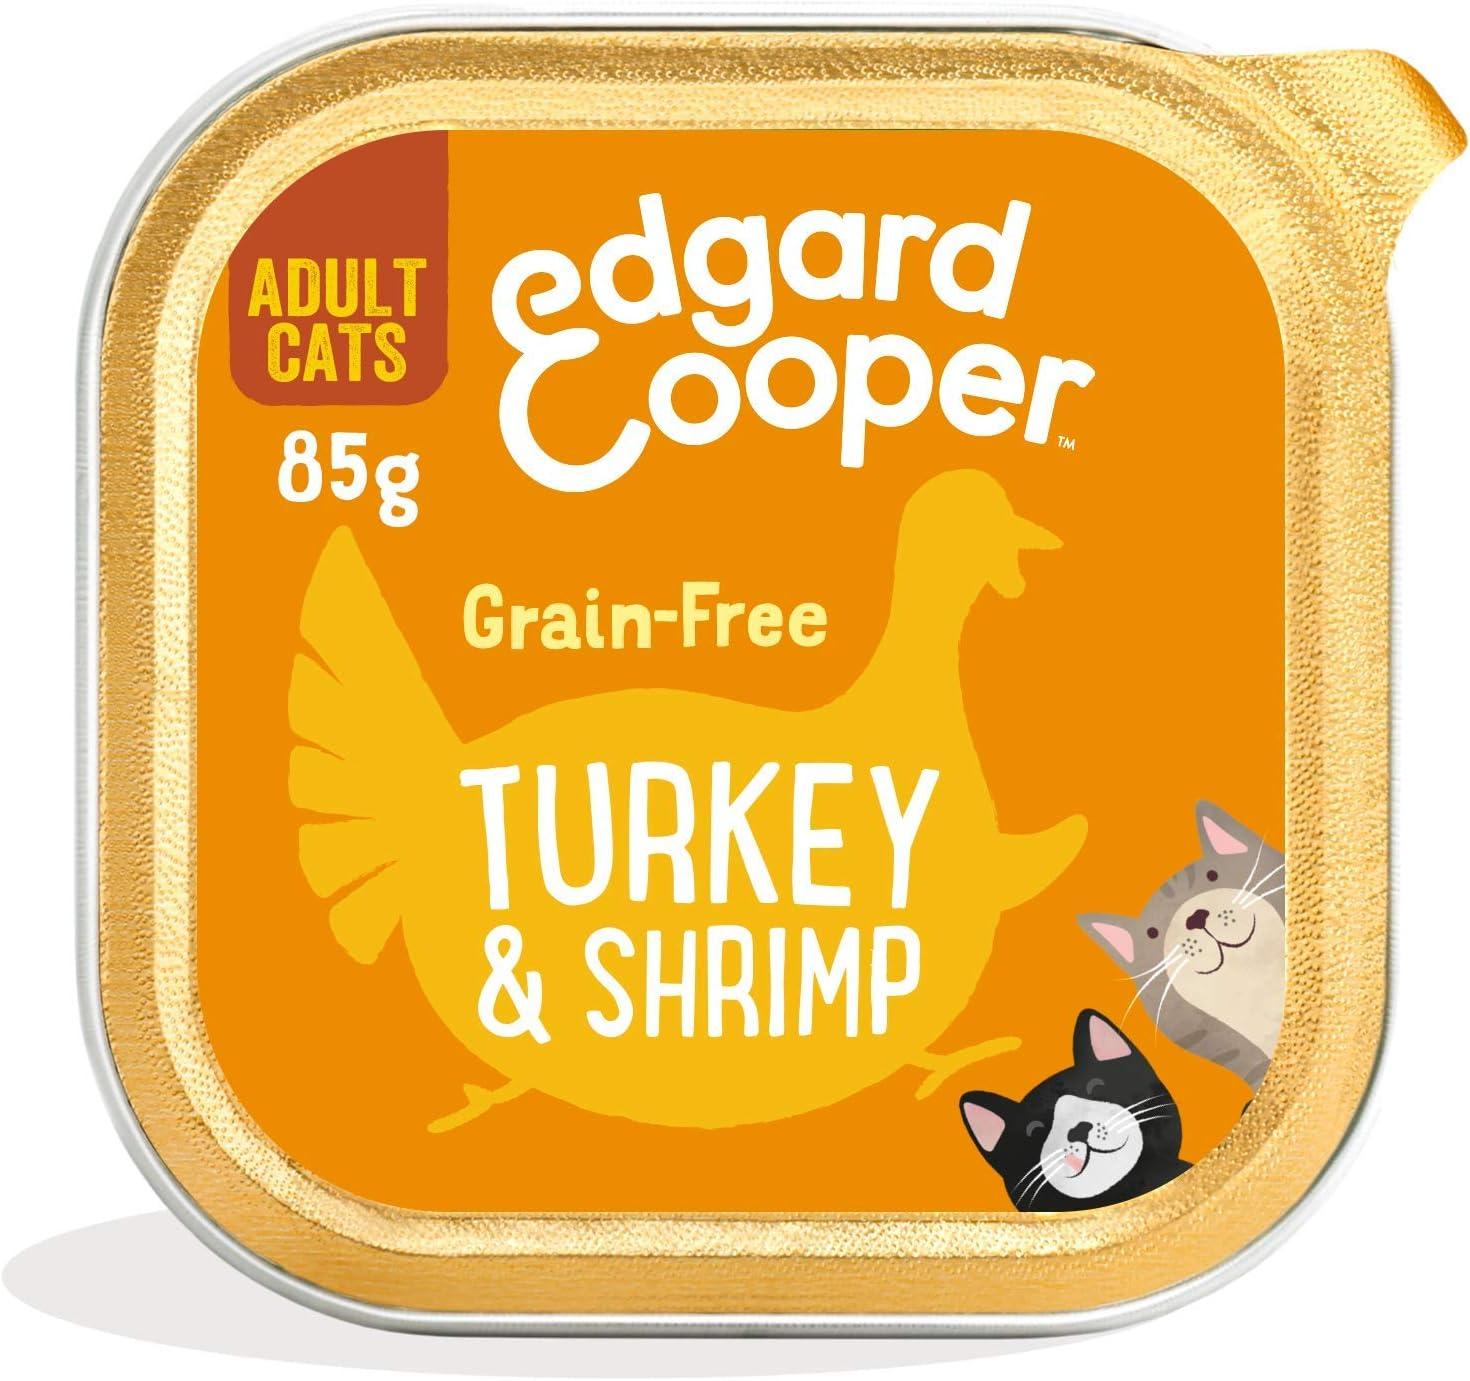 Edgard & Cooper Comida humeda Gatos Adultos sin Cereales, Natural con Pavo Fresco y Gambas. Comida Sana Rica en nutrientes y antioxidantes Naturales Pack tarrinas de 19x85gr